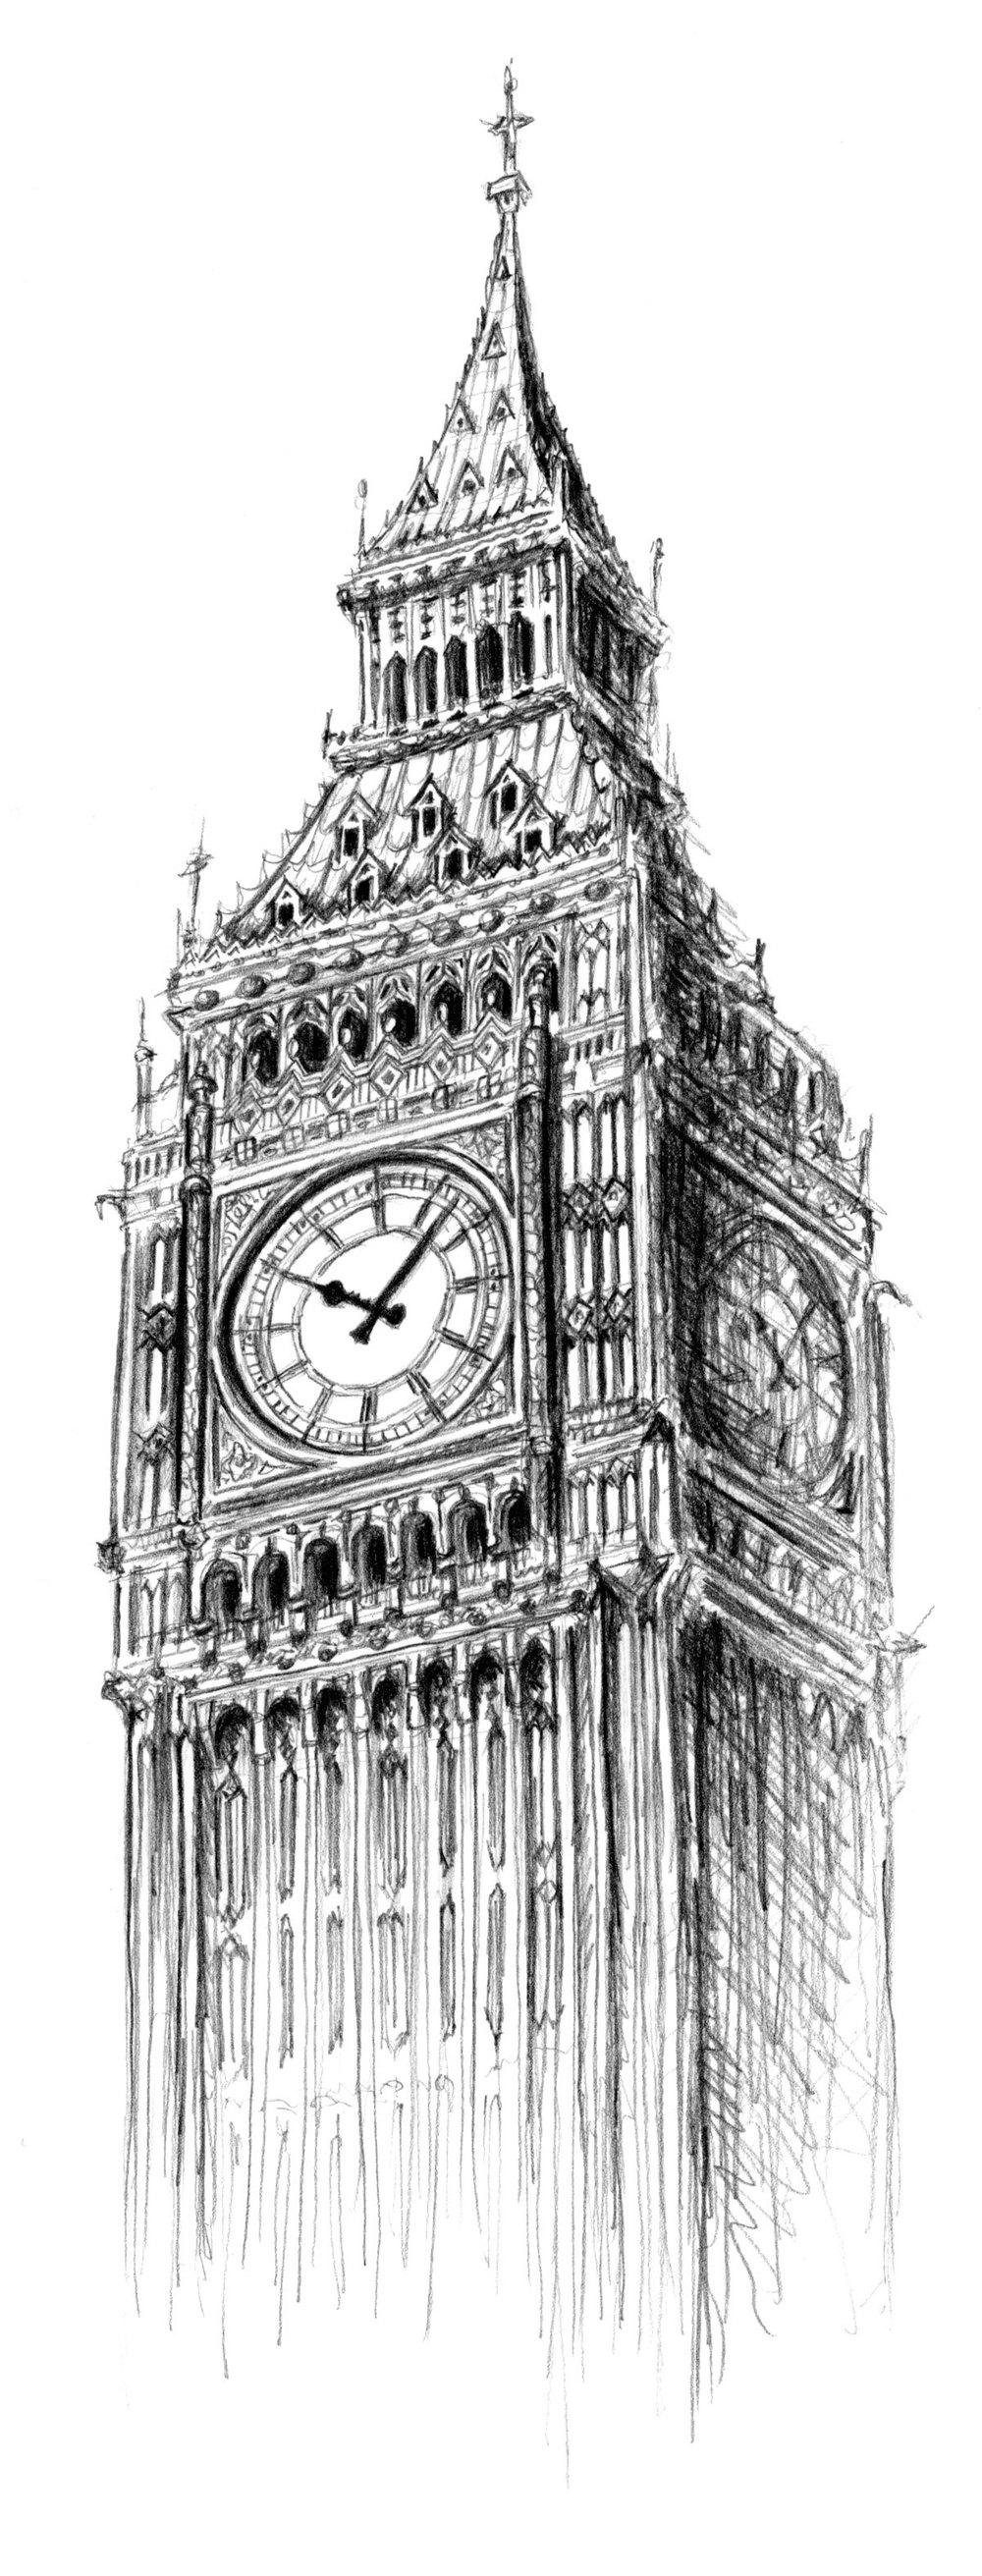 London-big-ben02.jpg